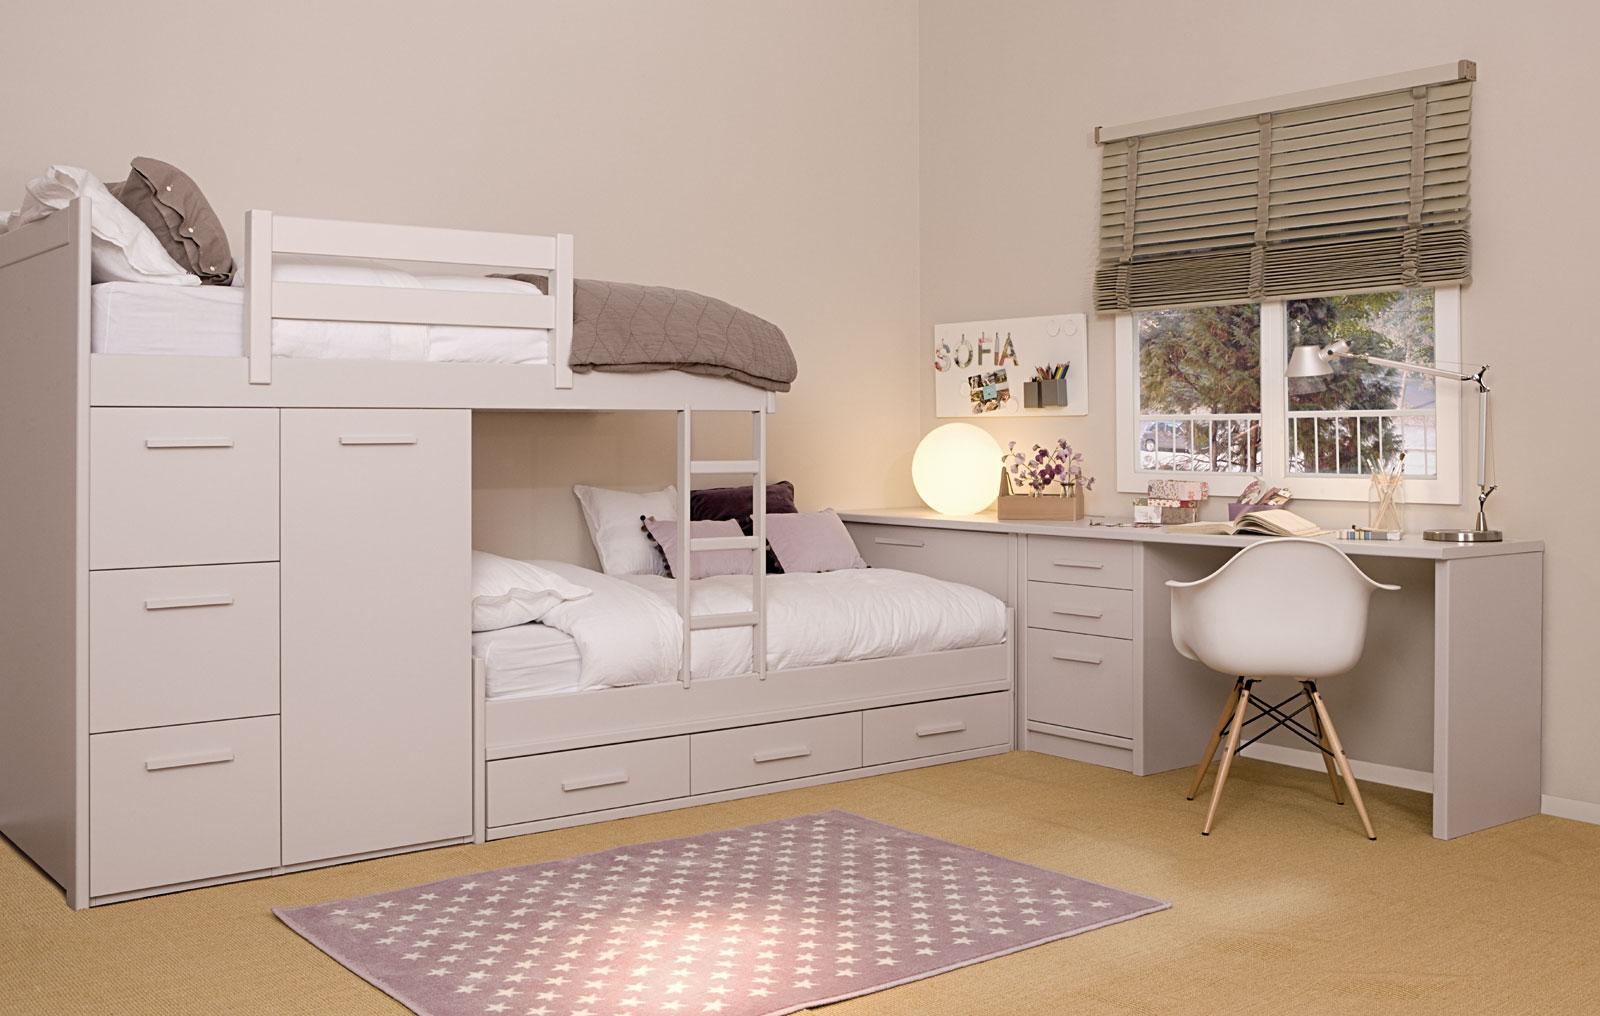 10 dormitorios juveniles modernos ideas para decorar - Habitaciones infantiles nino ...